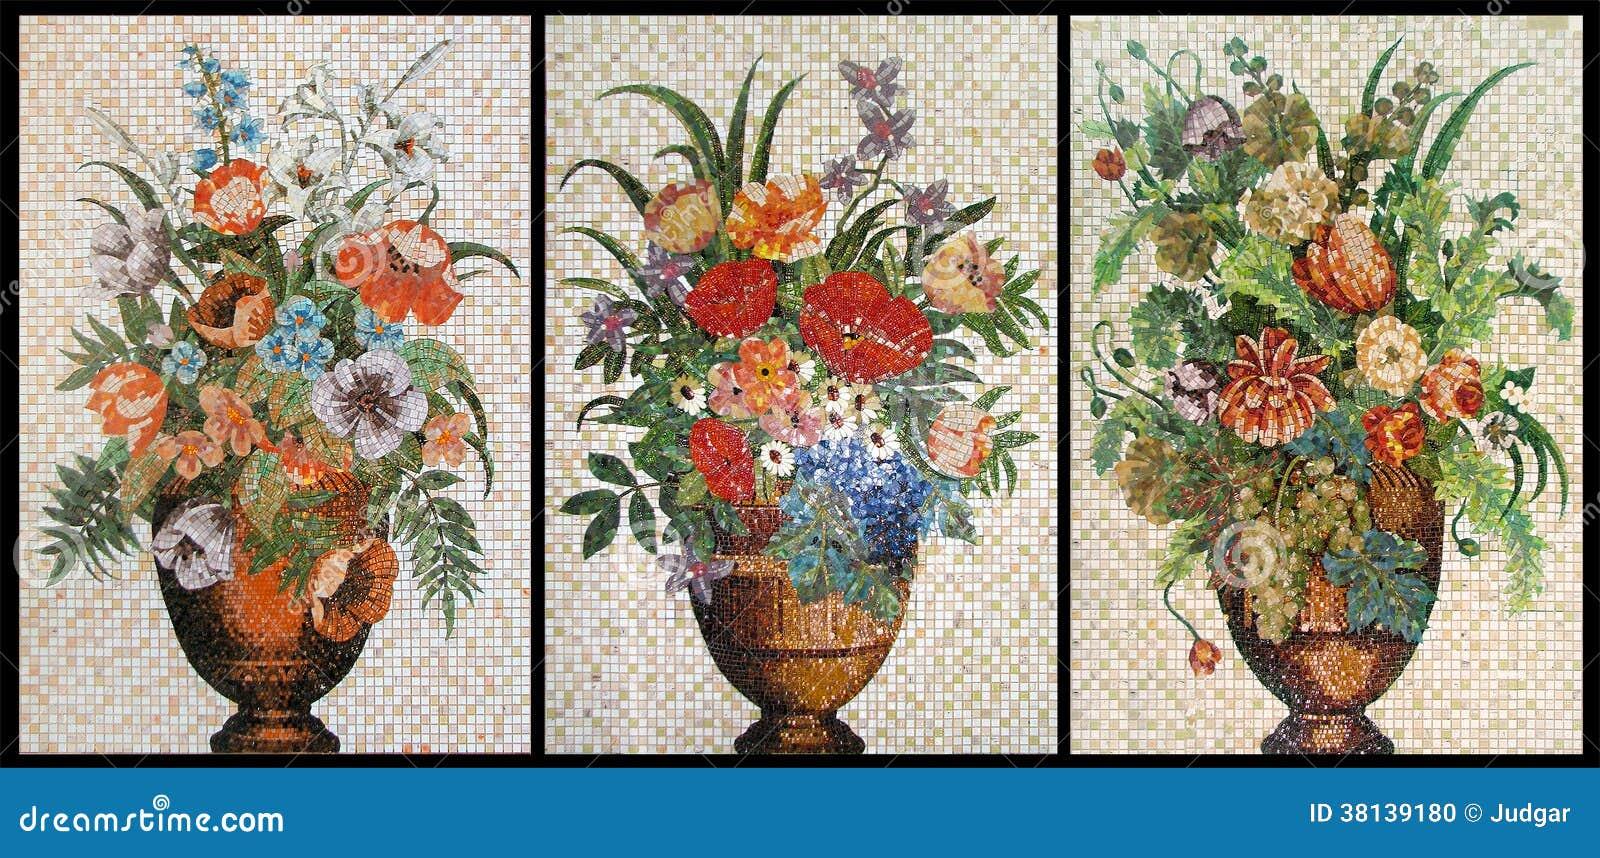 Pannelli del mosaico scheggiato. Tre vasi con i fiori